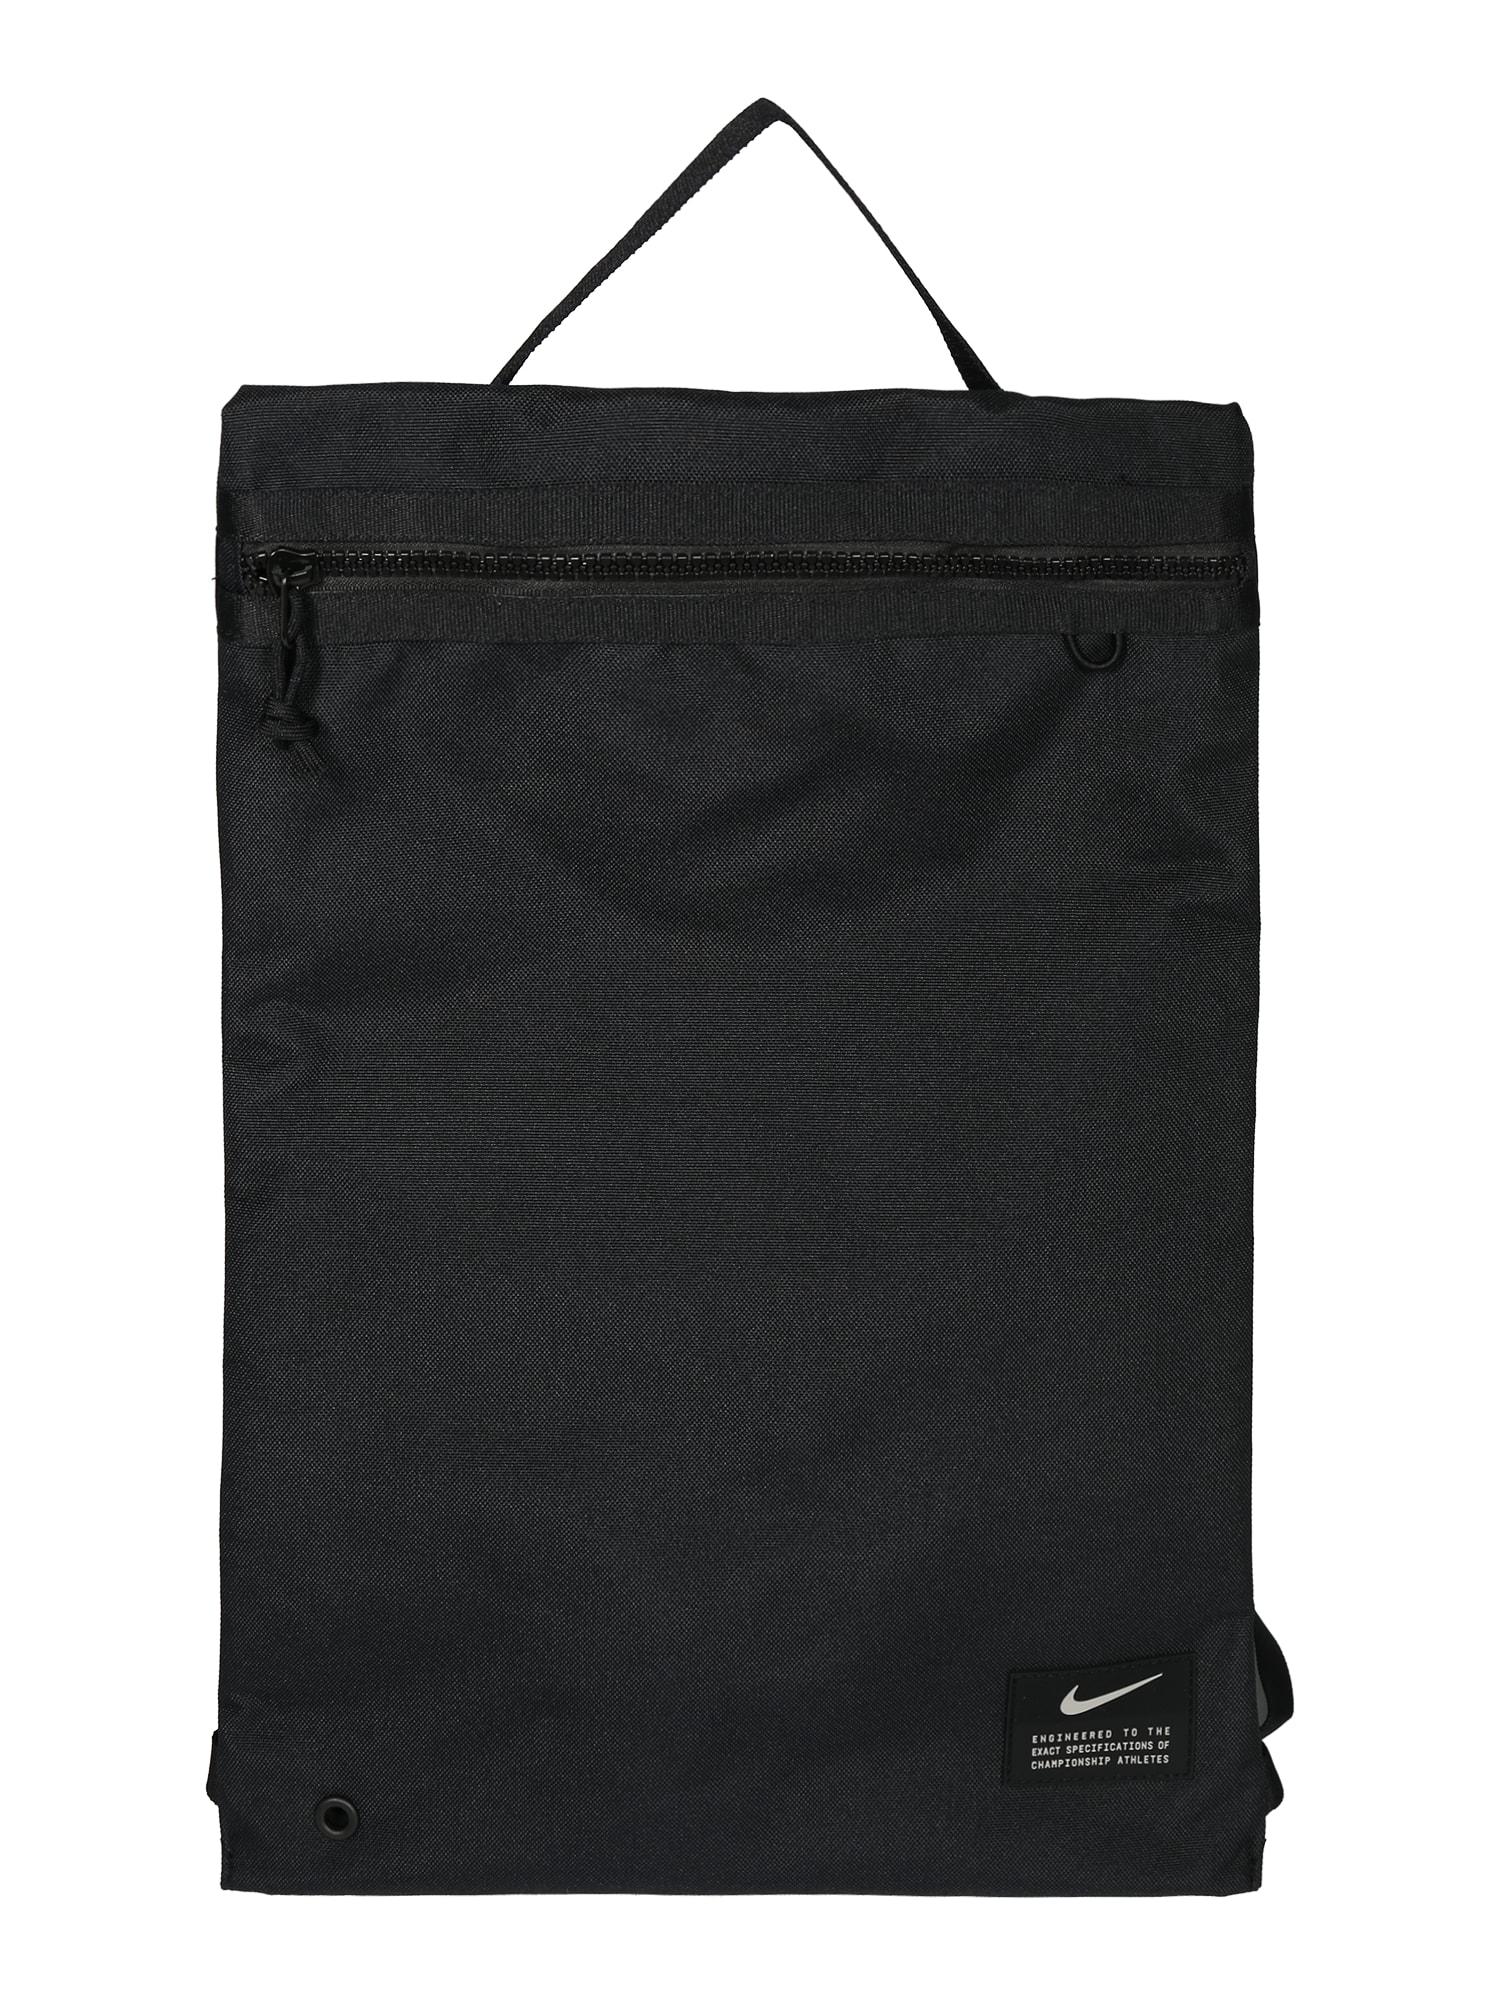 NIKE Sportinis krepšys-maišas 'Utility' juoda